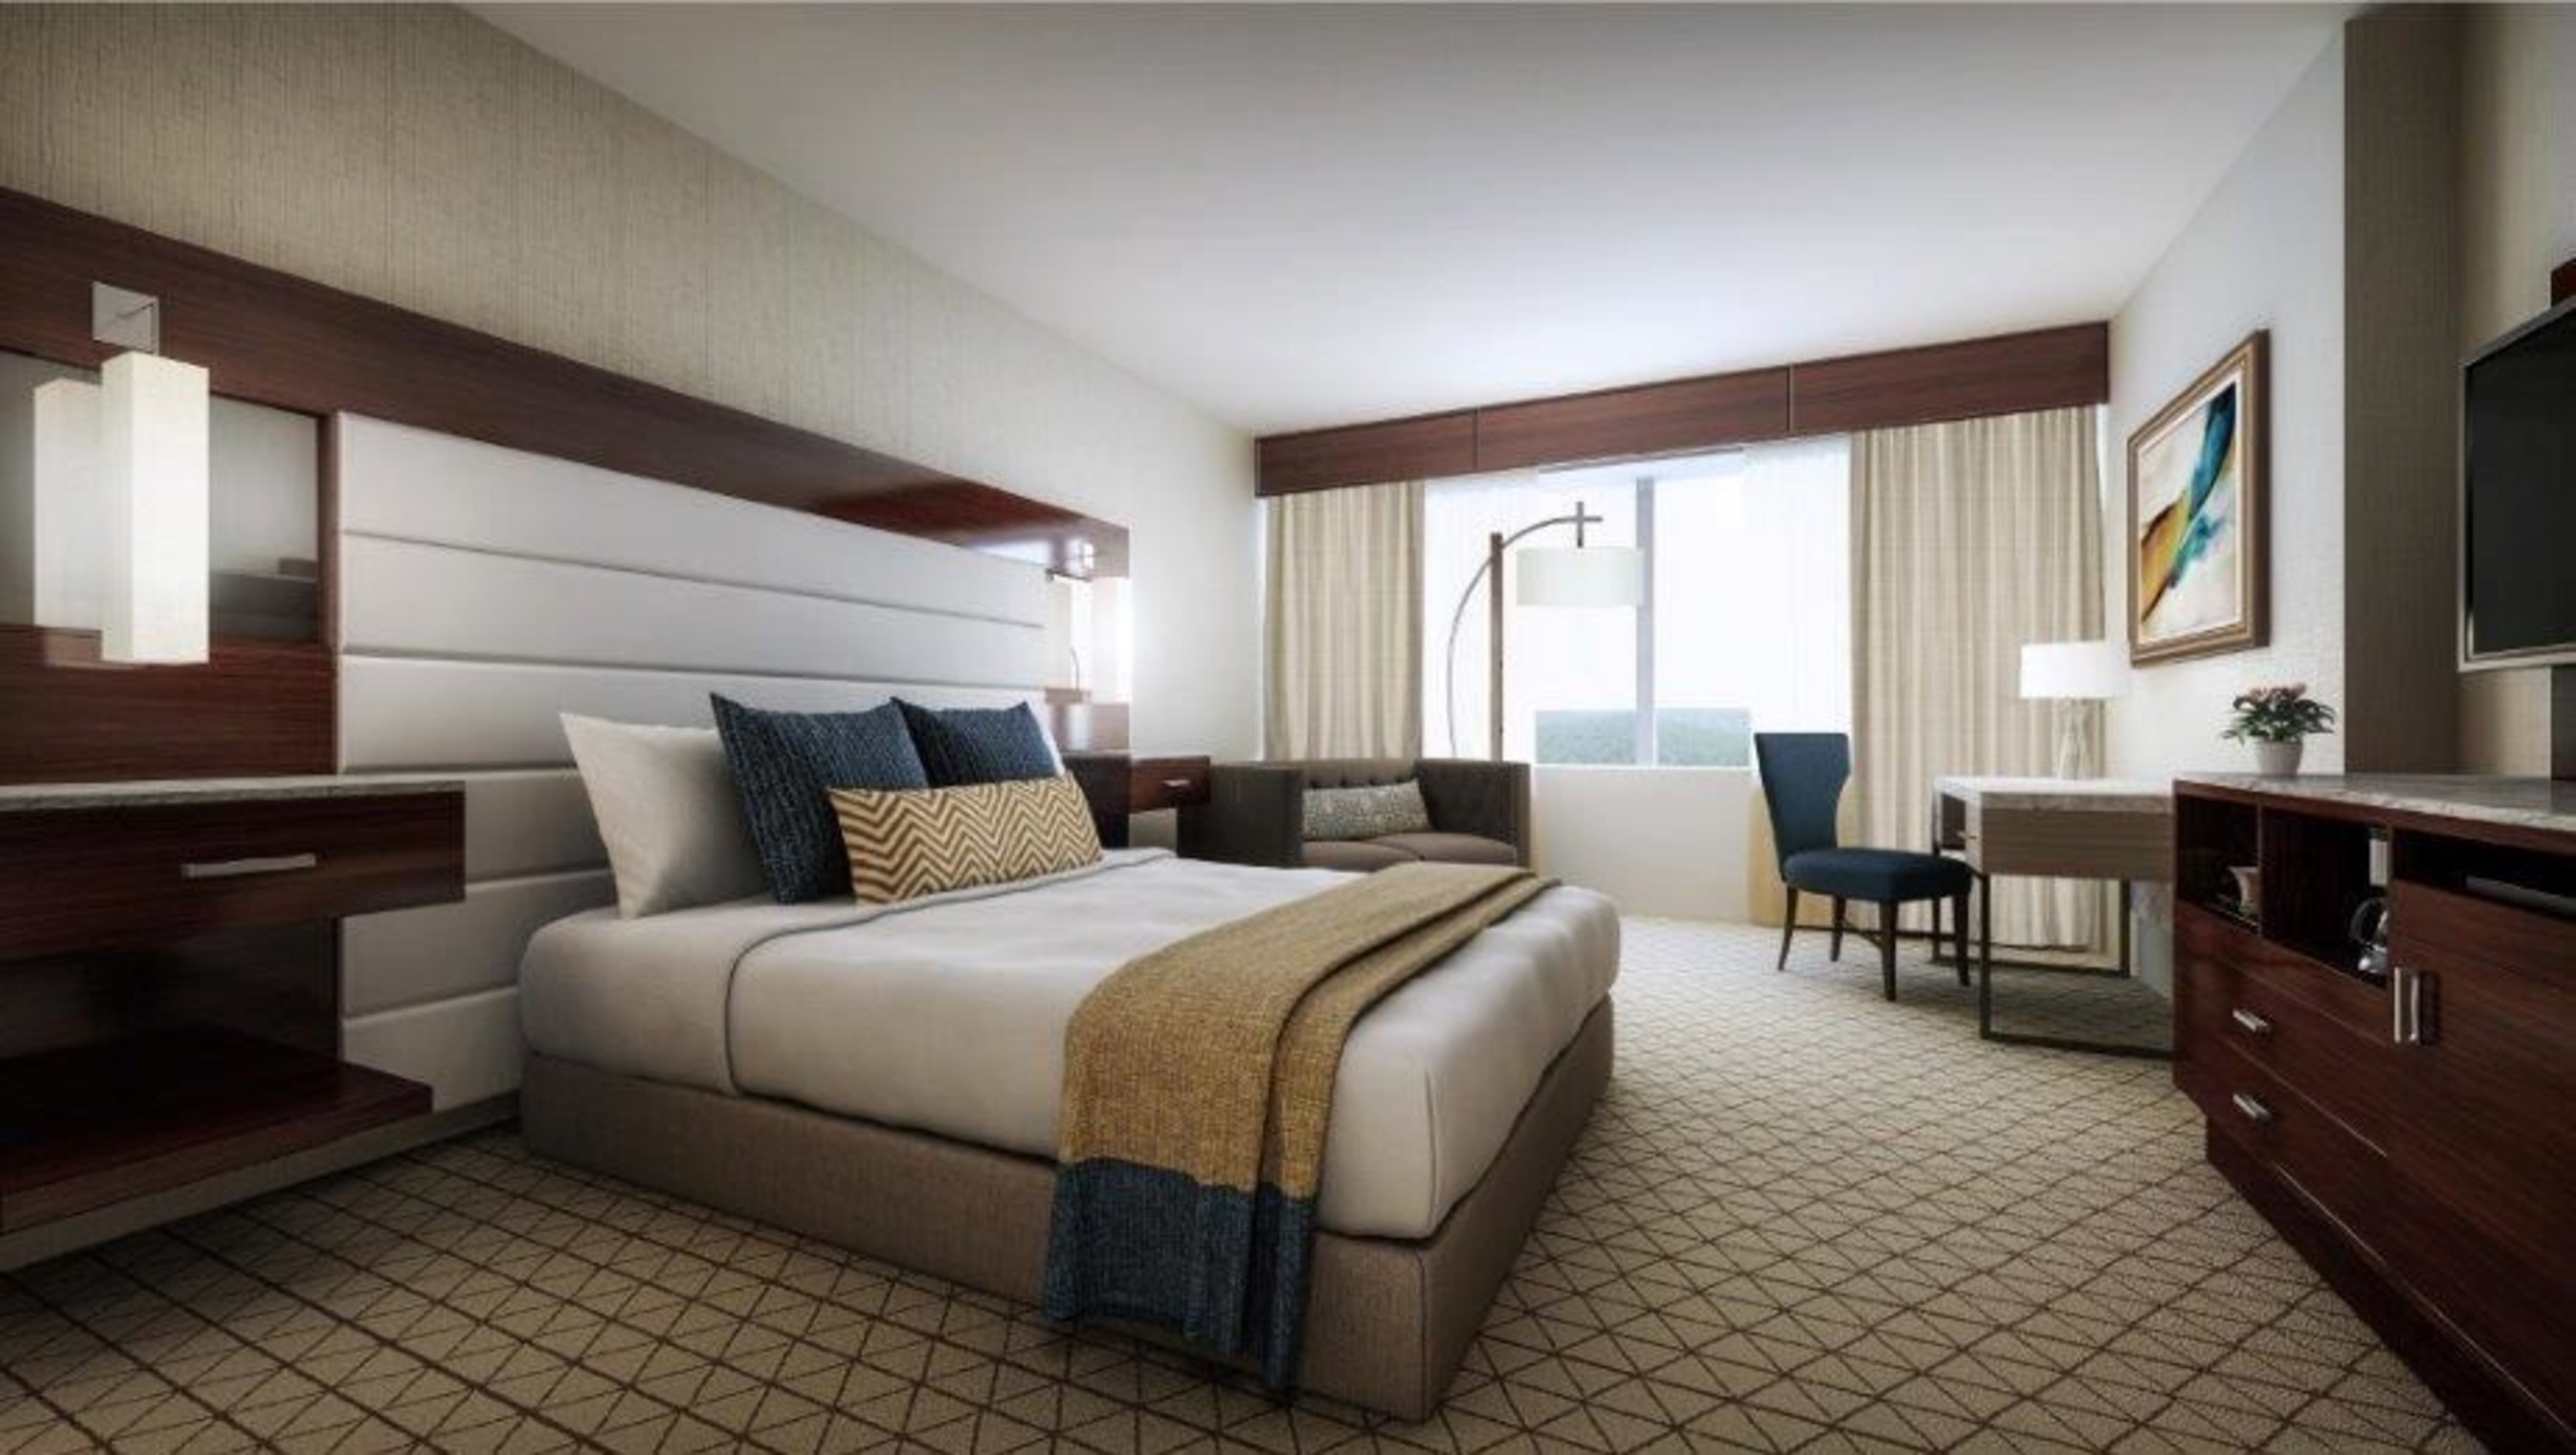 Renovated Room in Mohegan Sun's Sky Tower Hotel in Uncasville, CT